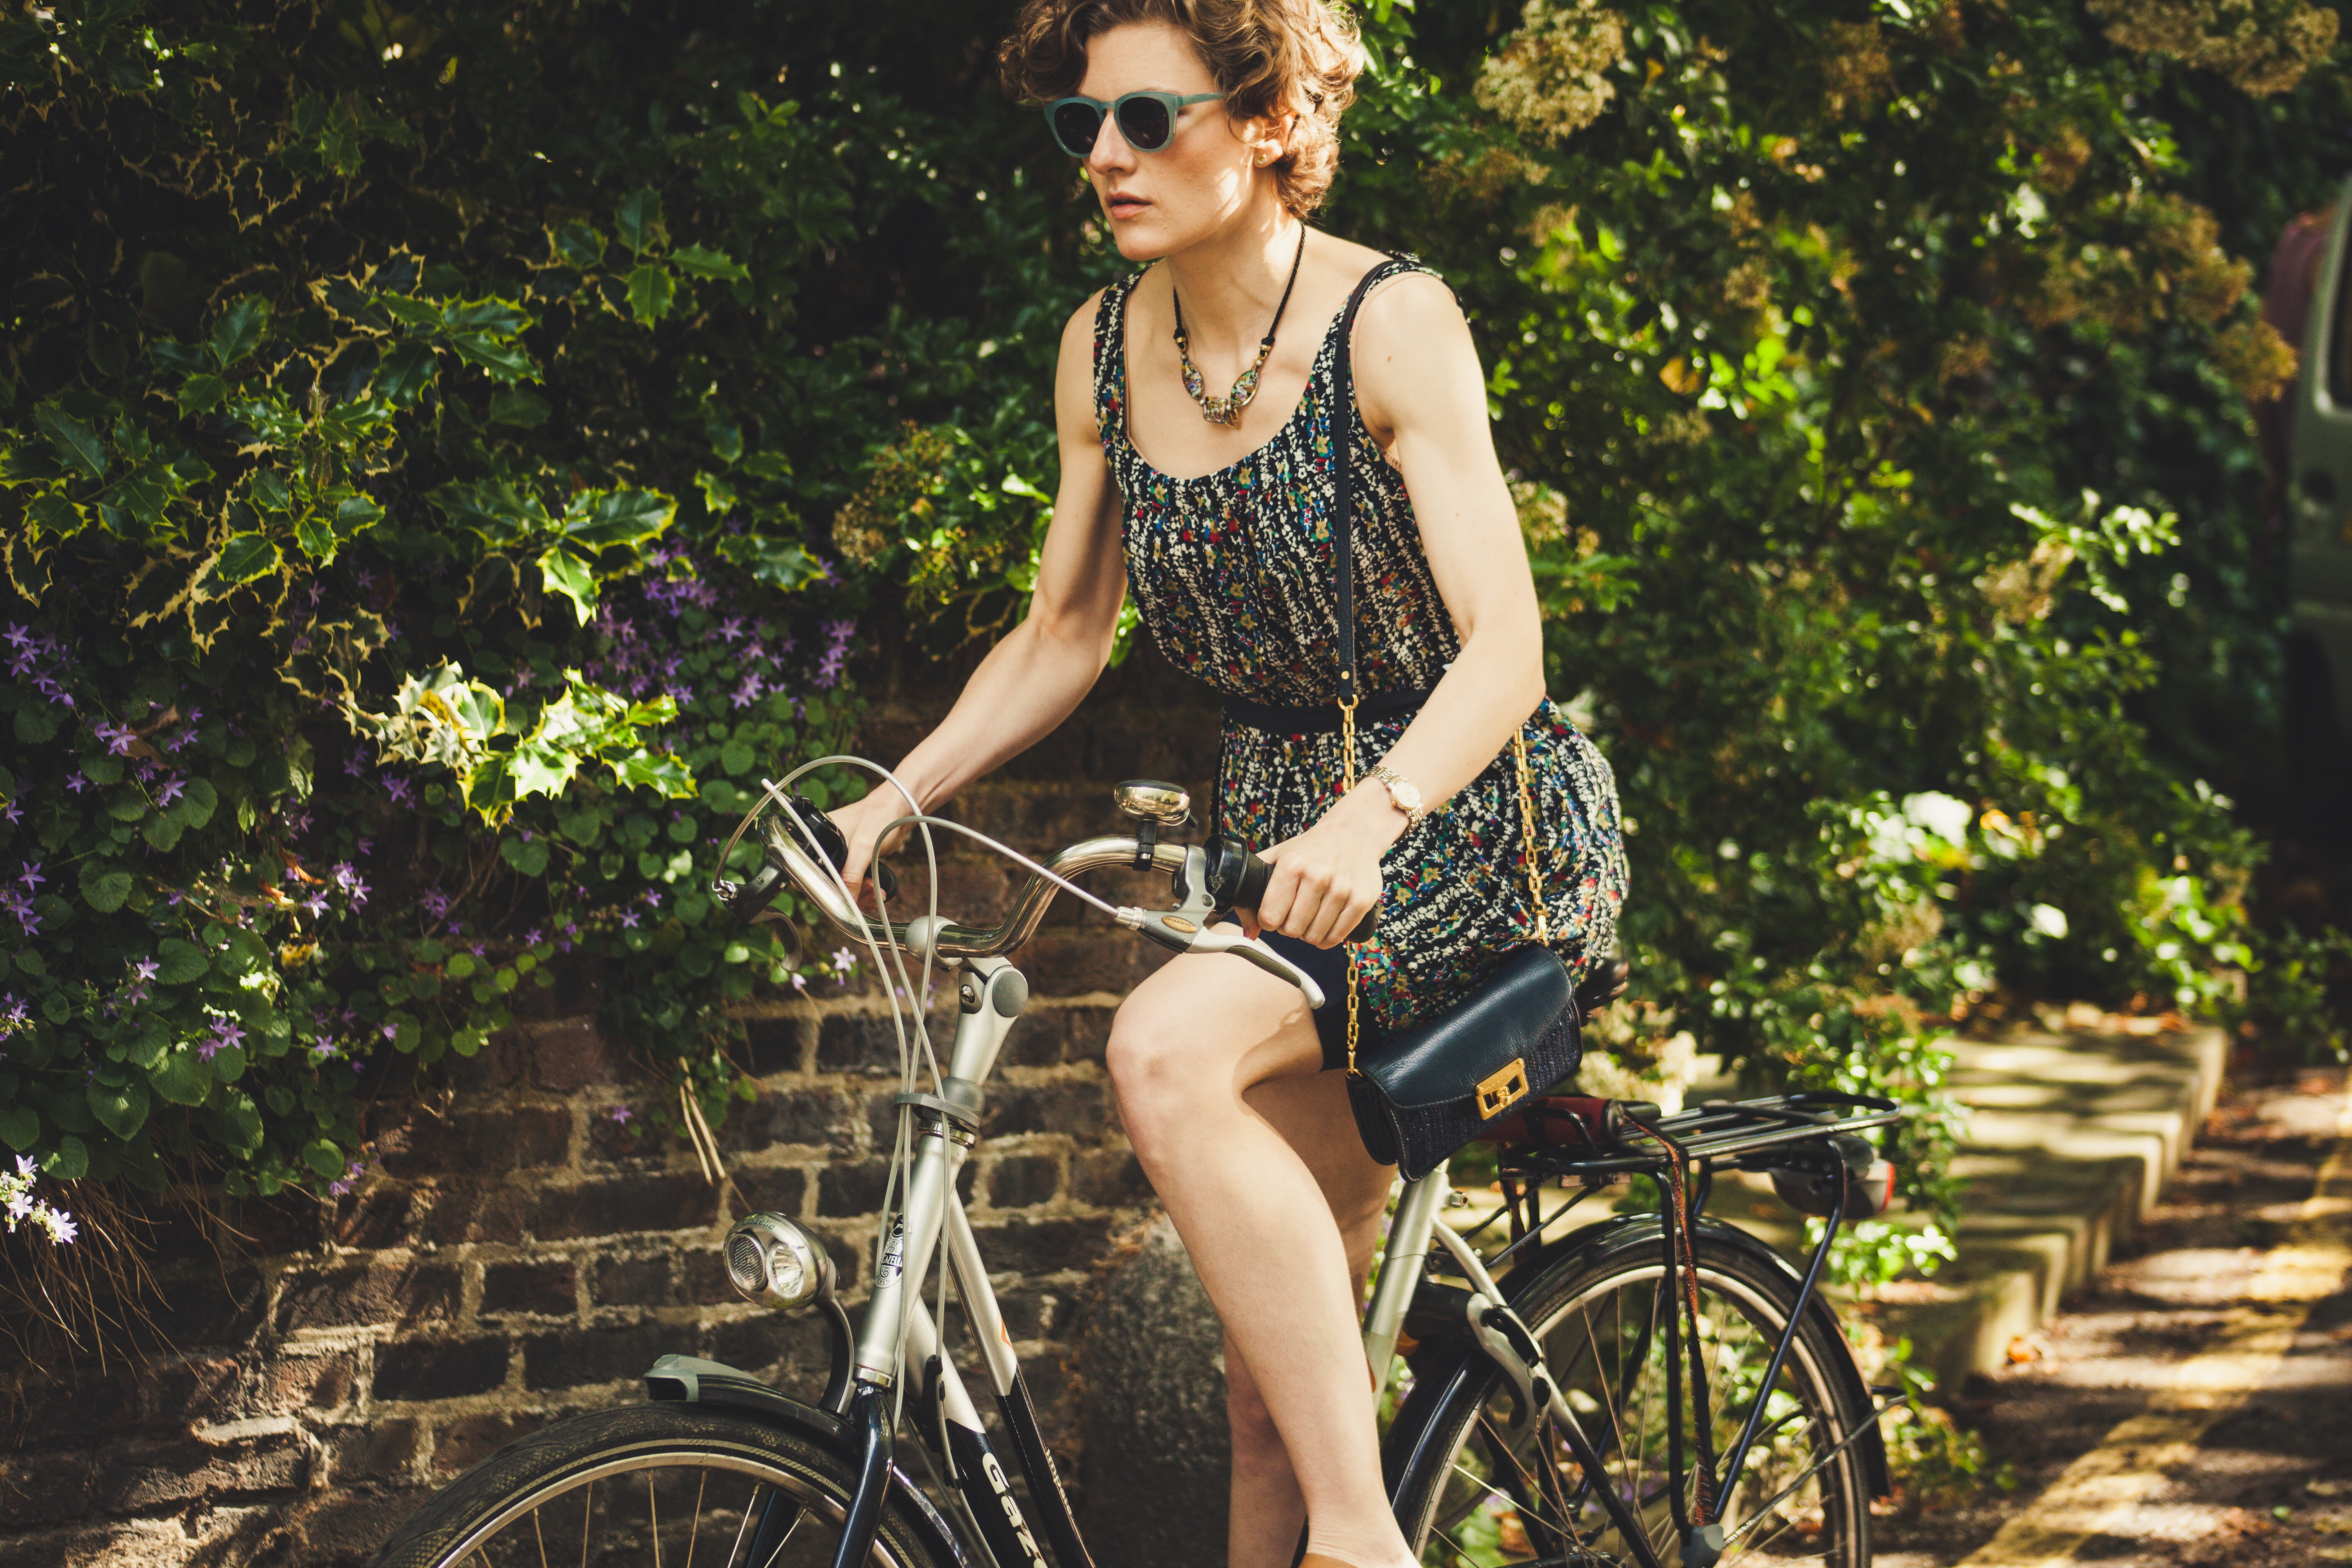 Four Ways to Dress Bike Shorts